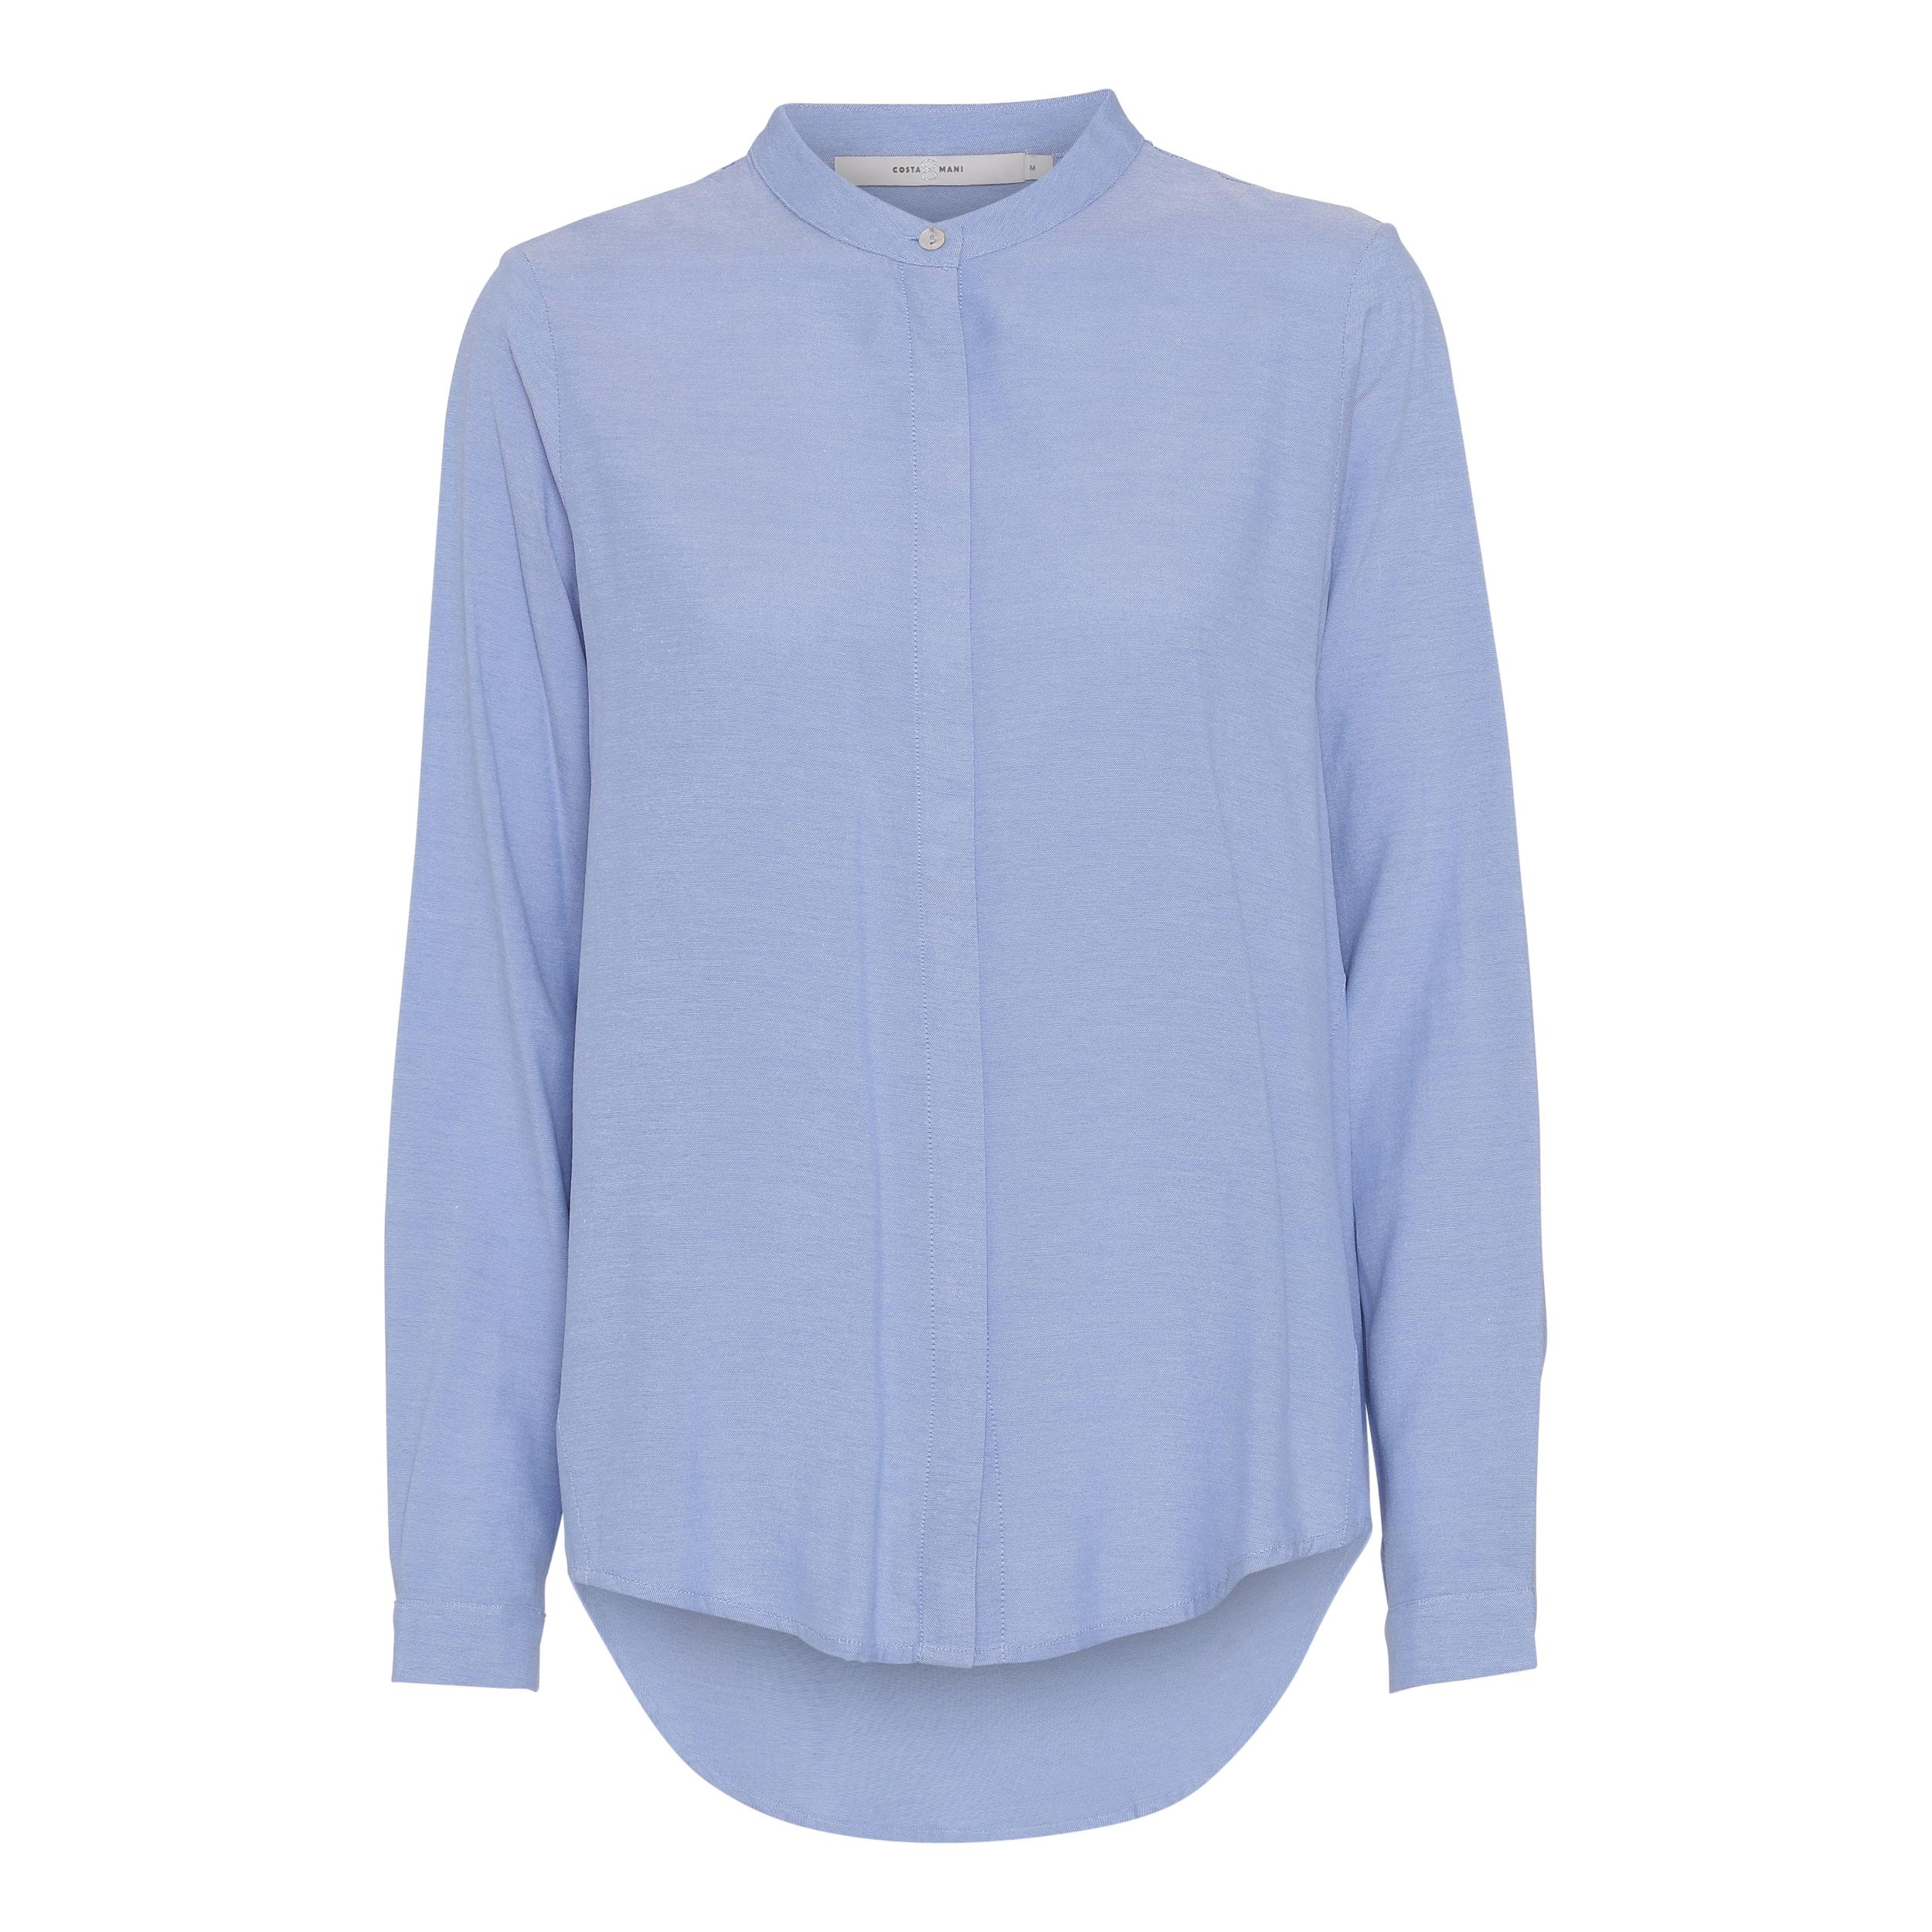 Costamani - Bina shirt